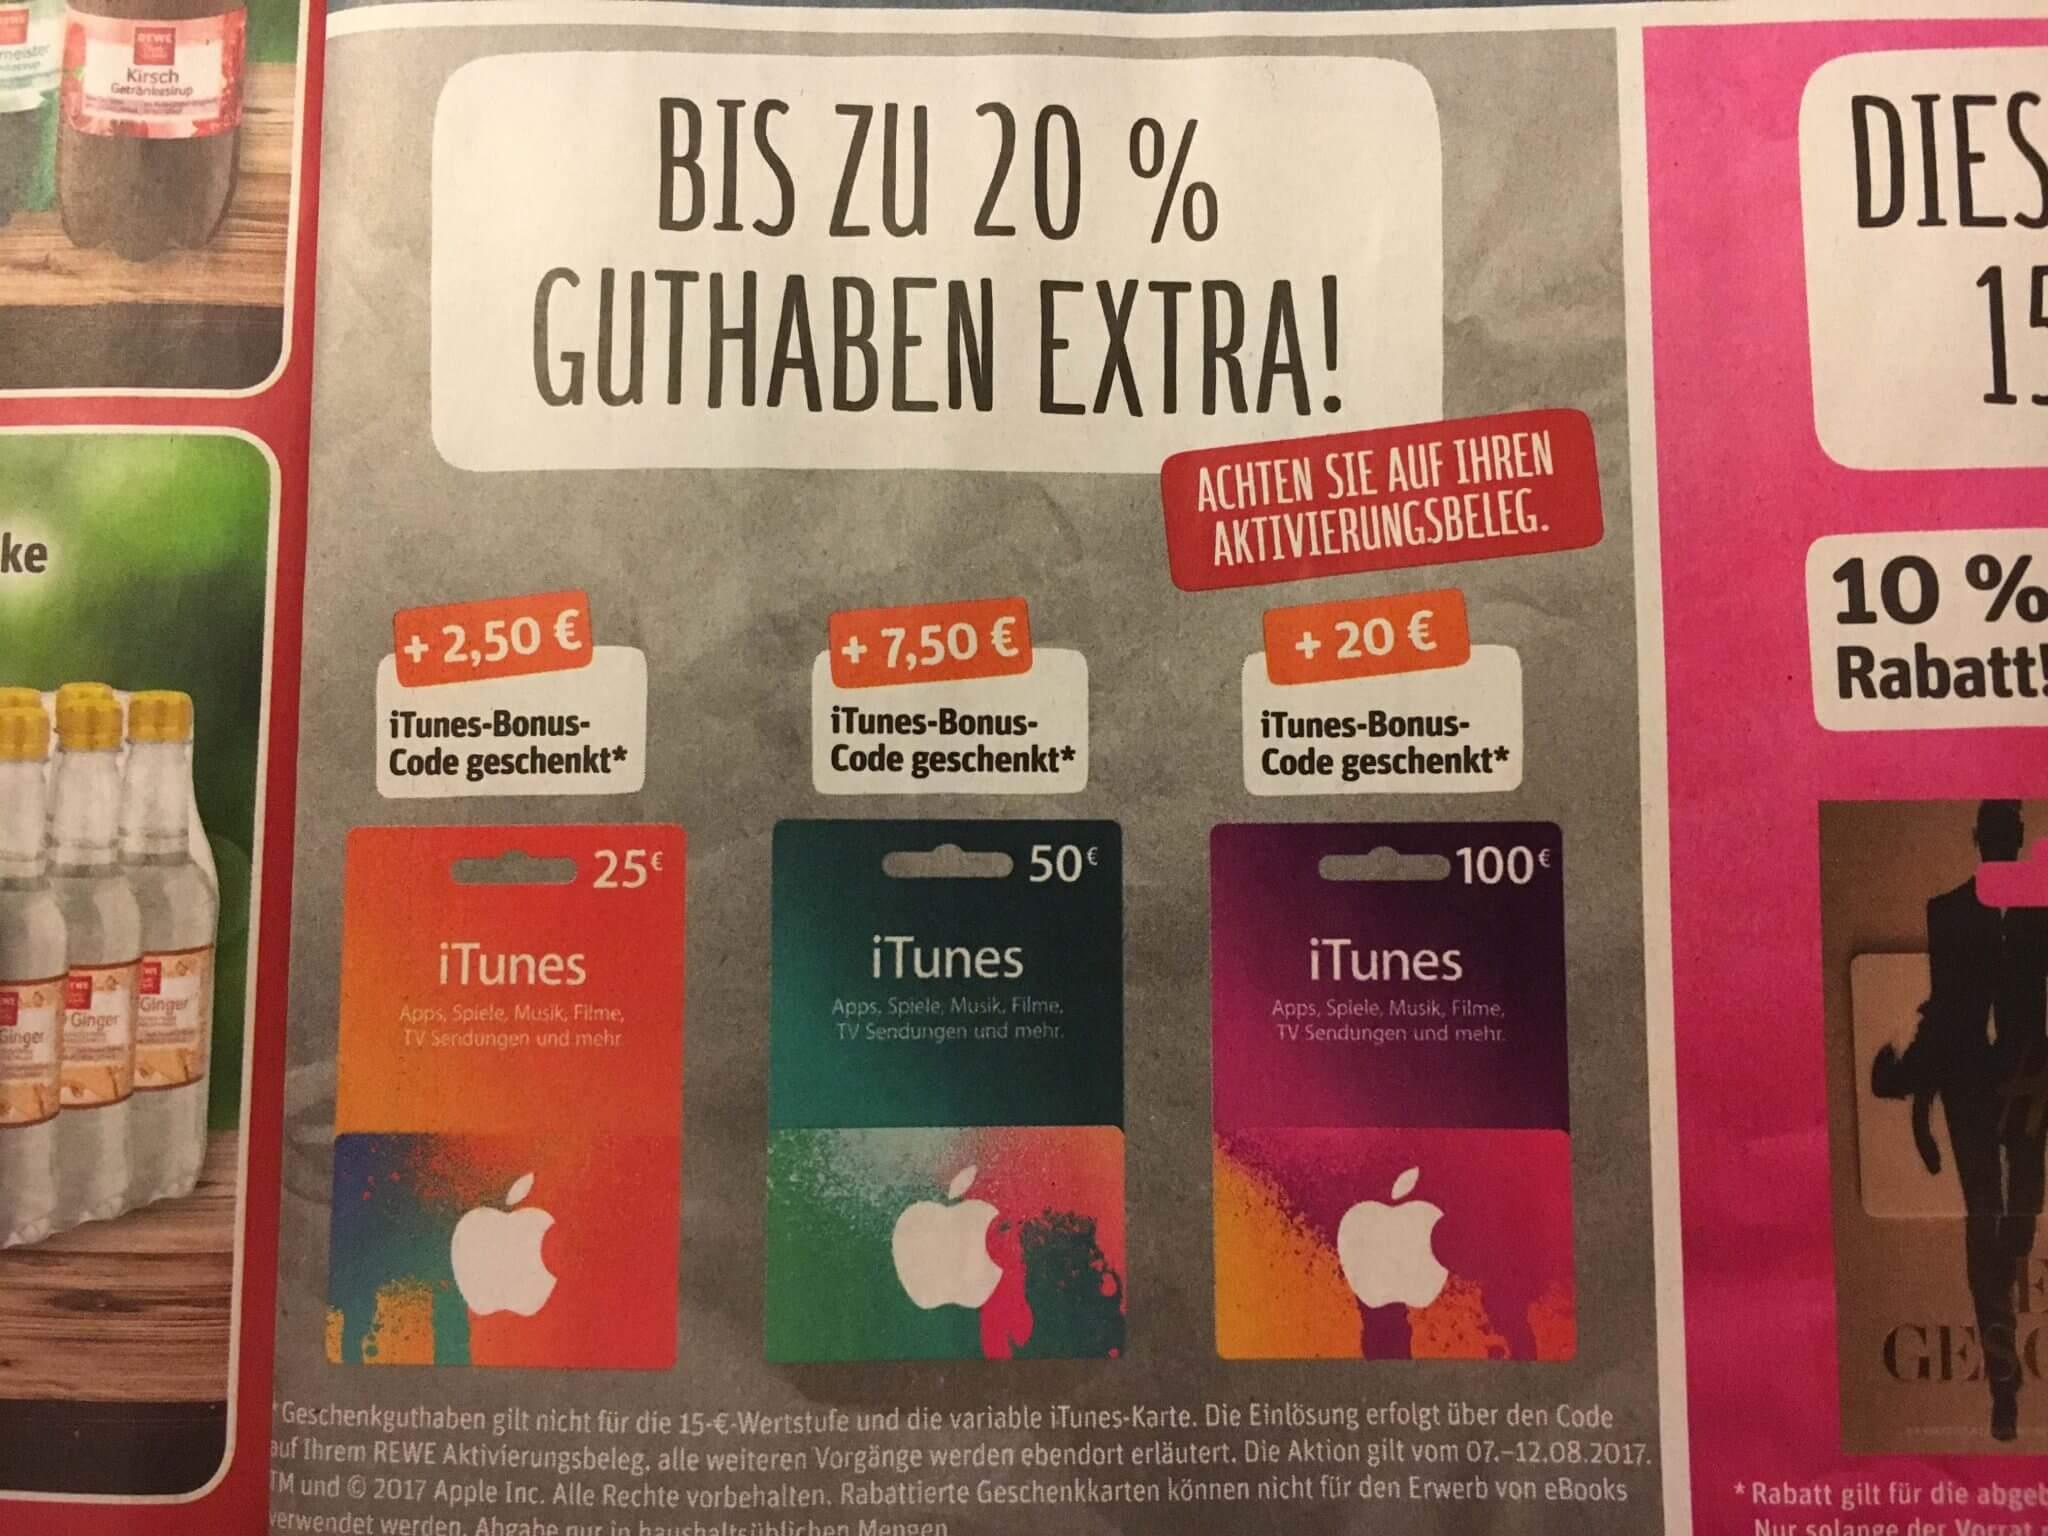 iTunes-Guthabenkarten bei Rewe in der Zeit vom 07.08.-12.08.2017 mit Extra-Guthaben (Foto aus Rewe-Werbeprospekt)